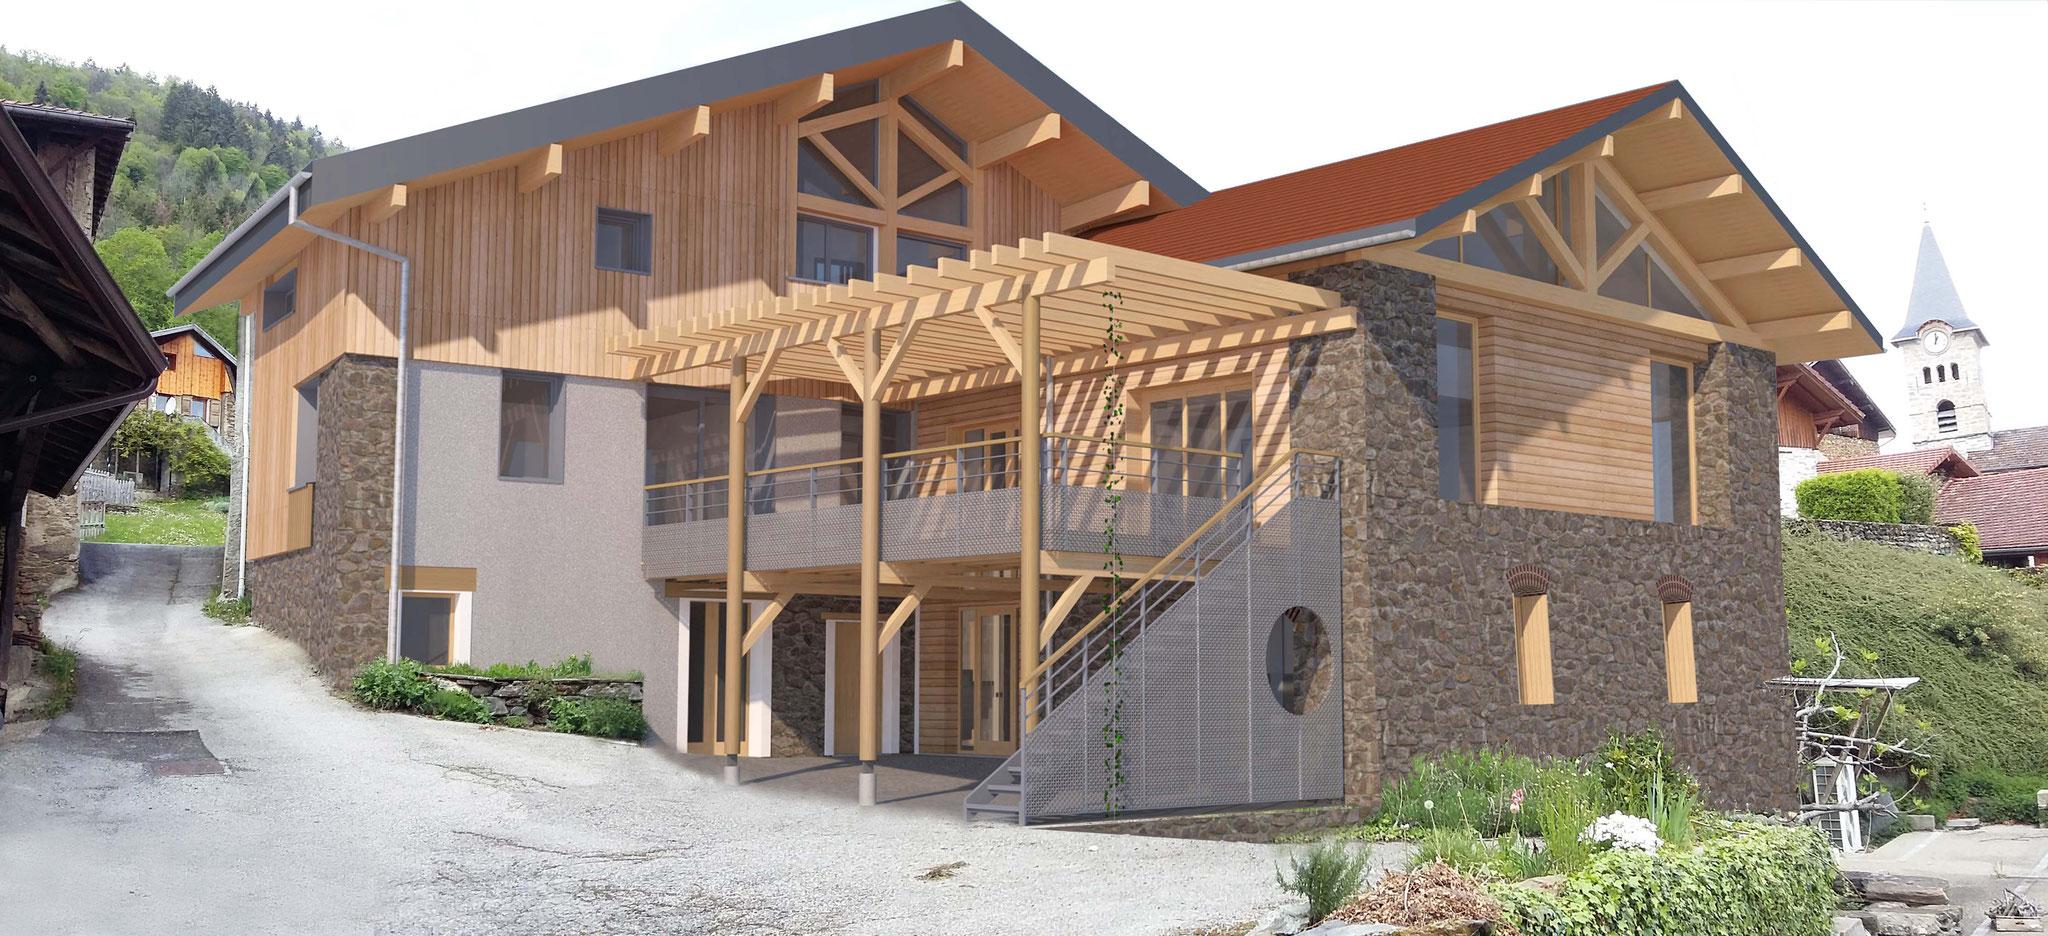 Transformation d'une grange en logements à Le Moutaret (38) - Bientôt en chantier !